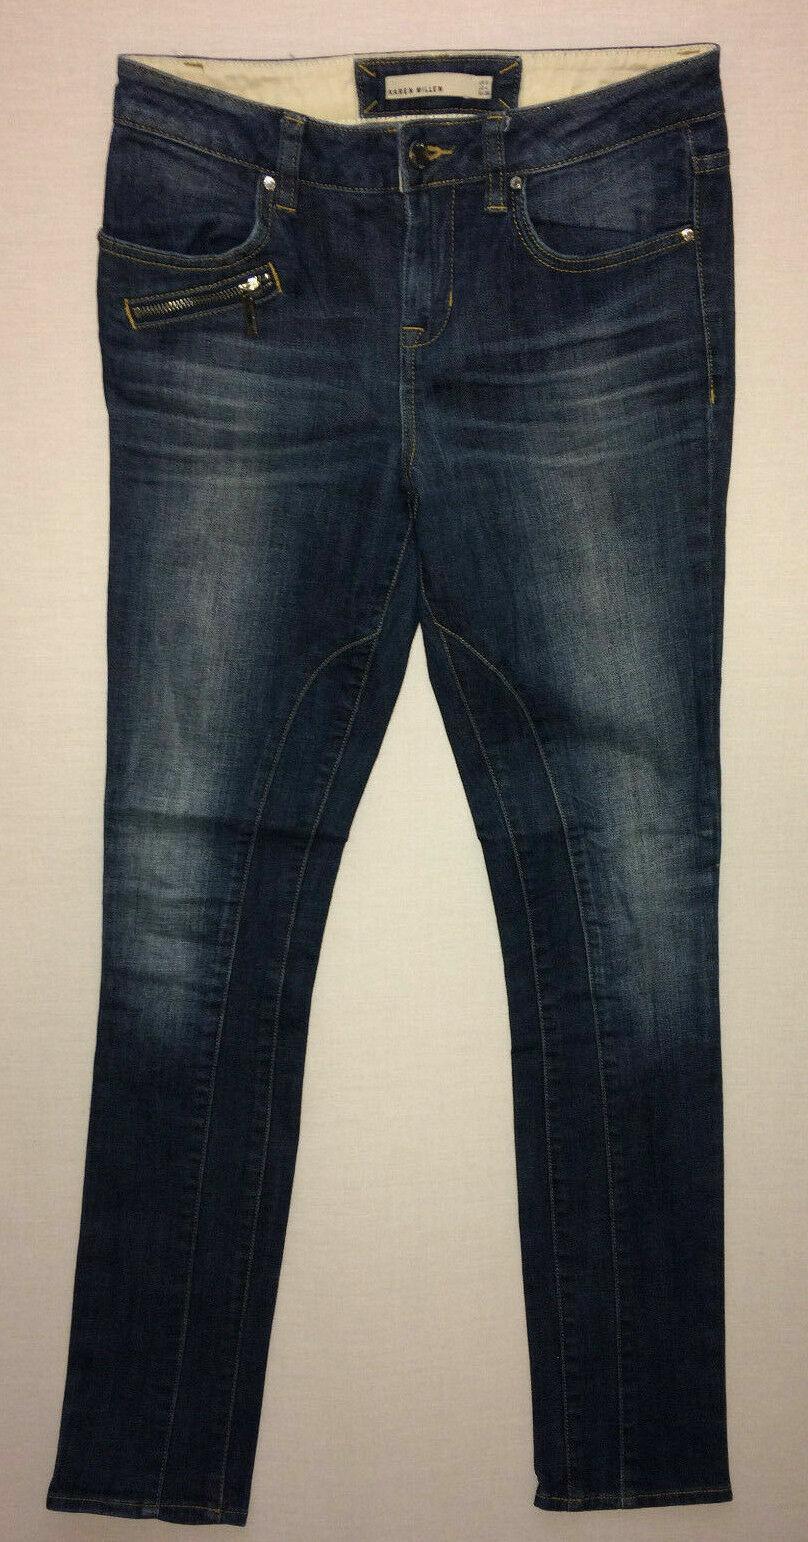 Karen Millen Women's Mid bluee Stretch Denim Slim Denim Jeans Size 8  W26 L32